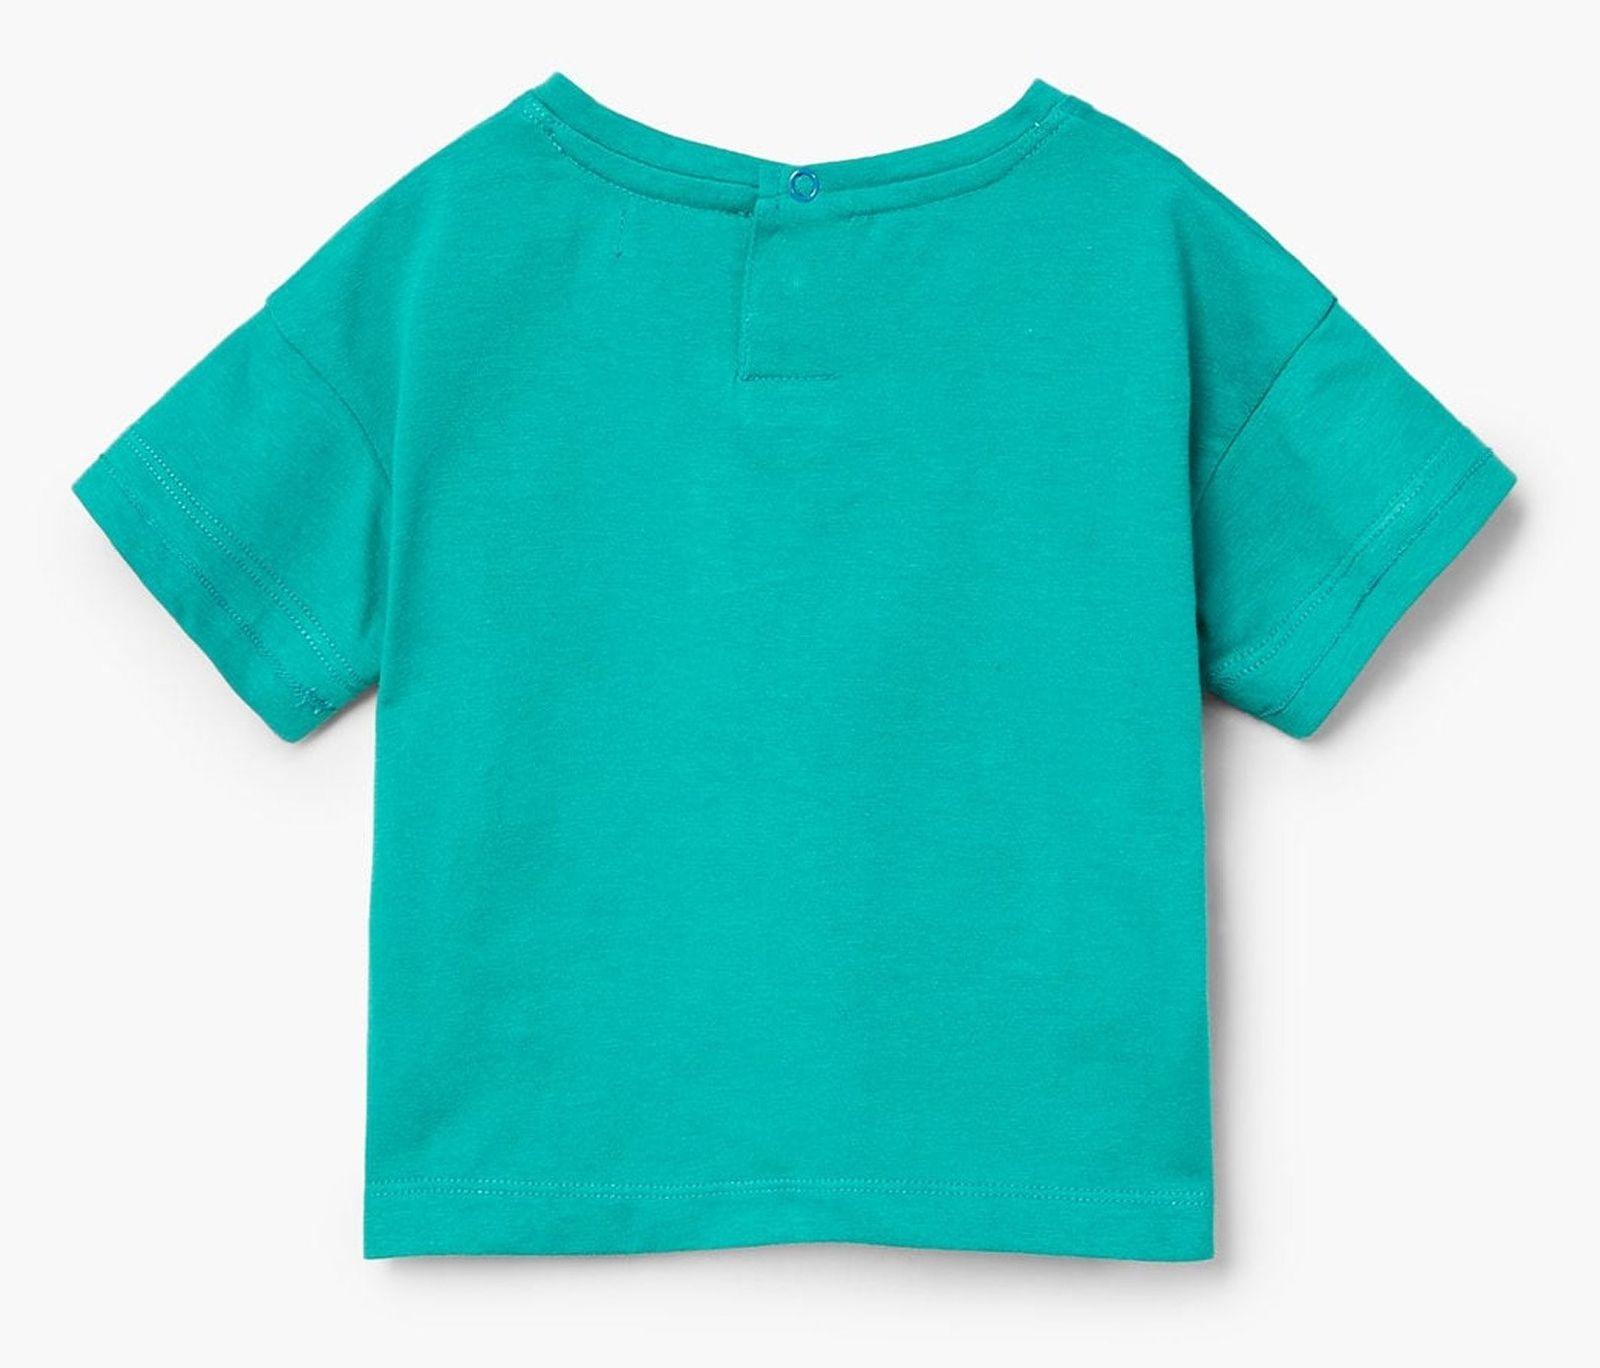 تی شرت نخی ساده نوزادی پسرانه - مانگو - سبز آبي - 2